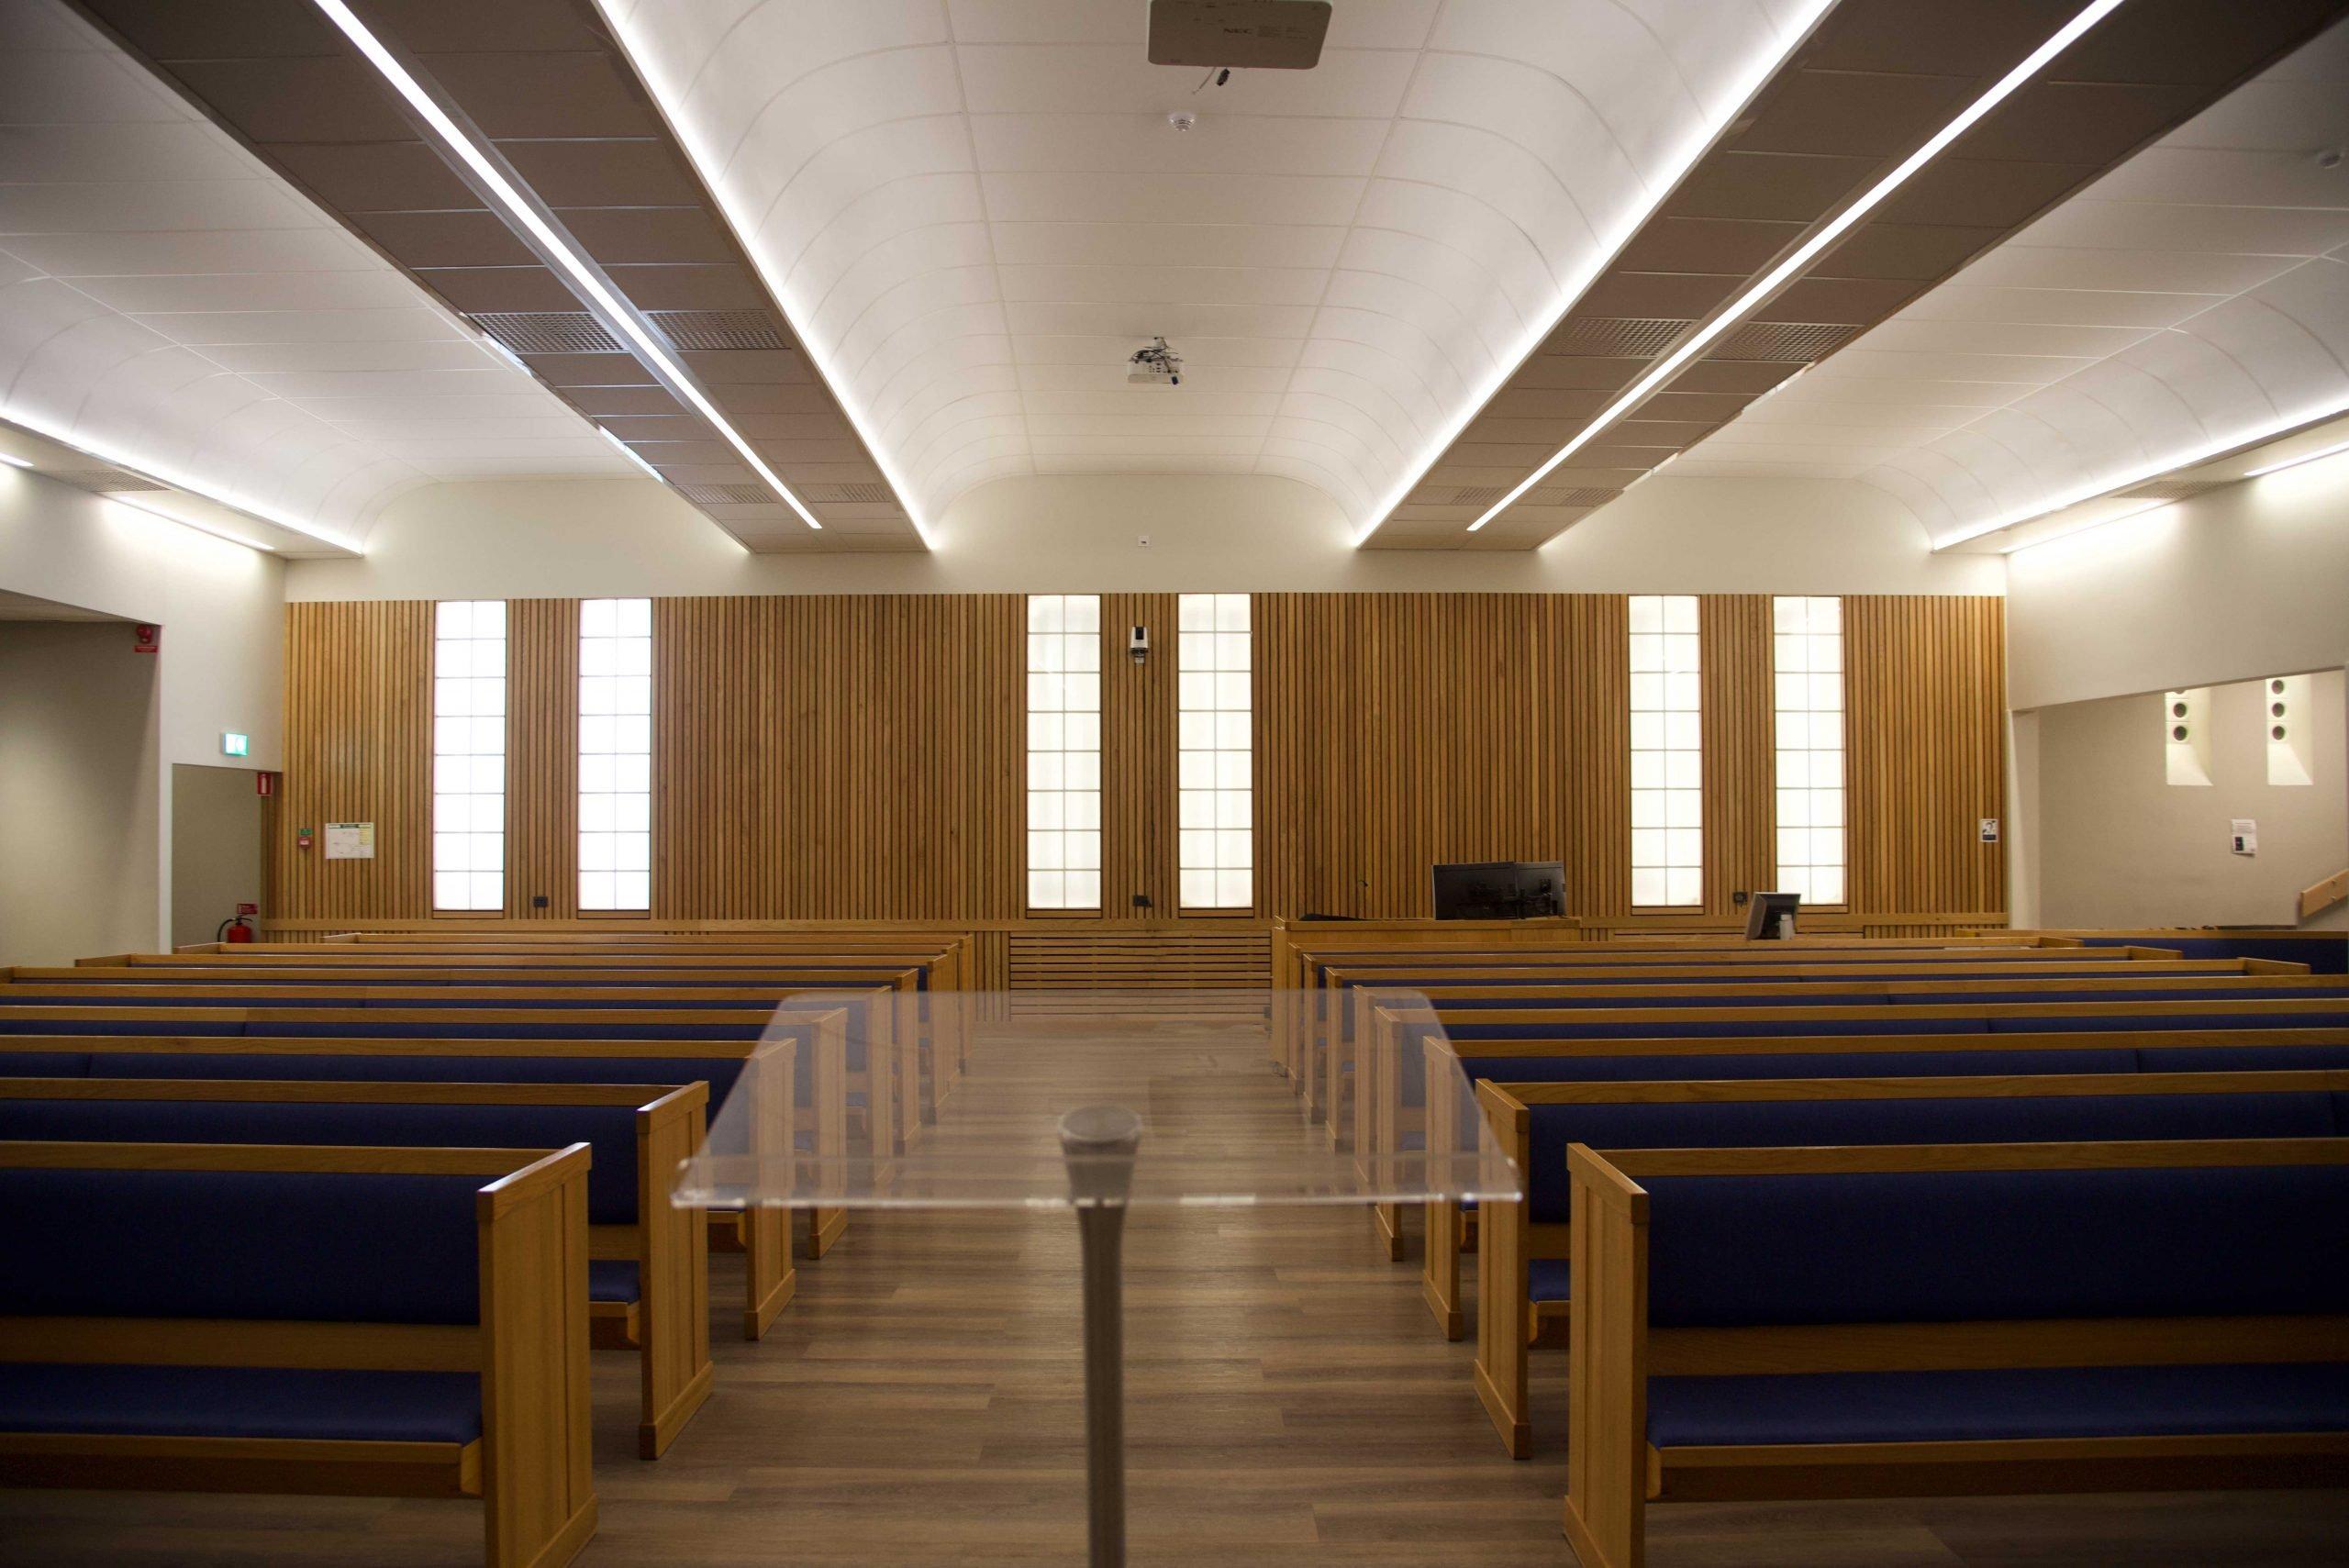 Pingstkyrkan Lund